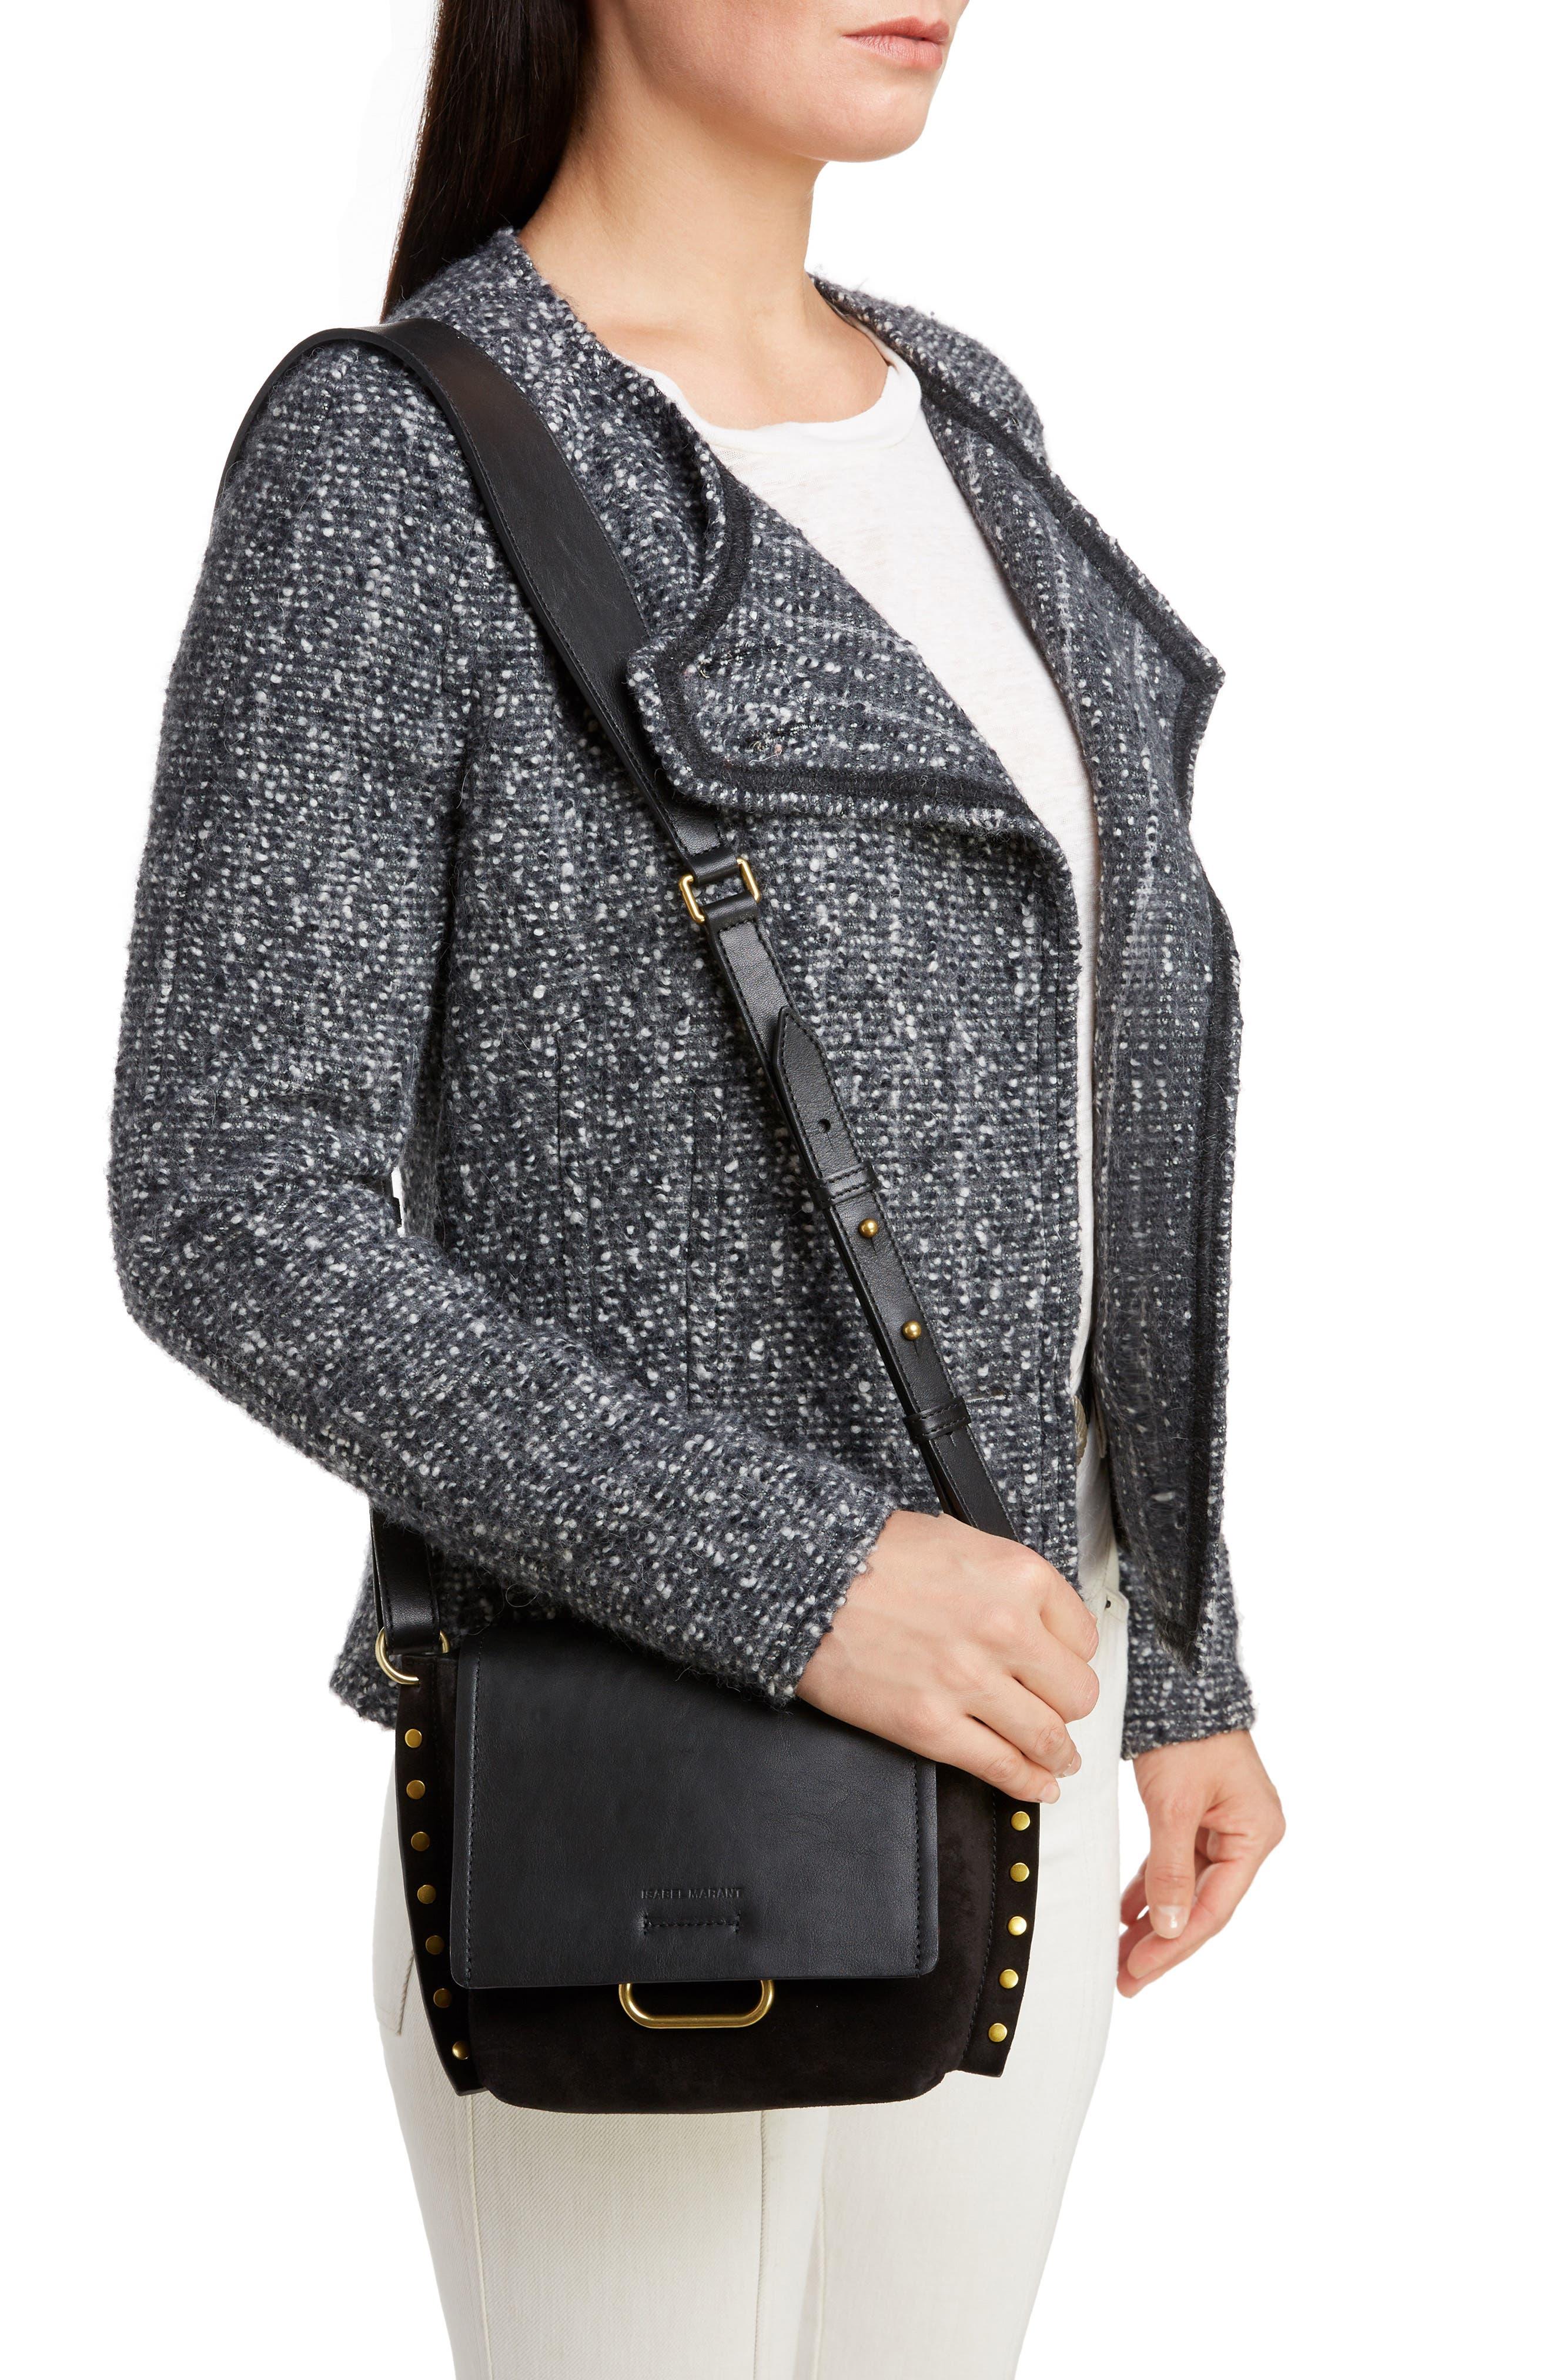 Kleny Leather Shoulder Bag,                             Alternate thumbnail 2, color,                             BLACK